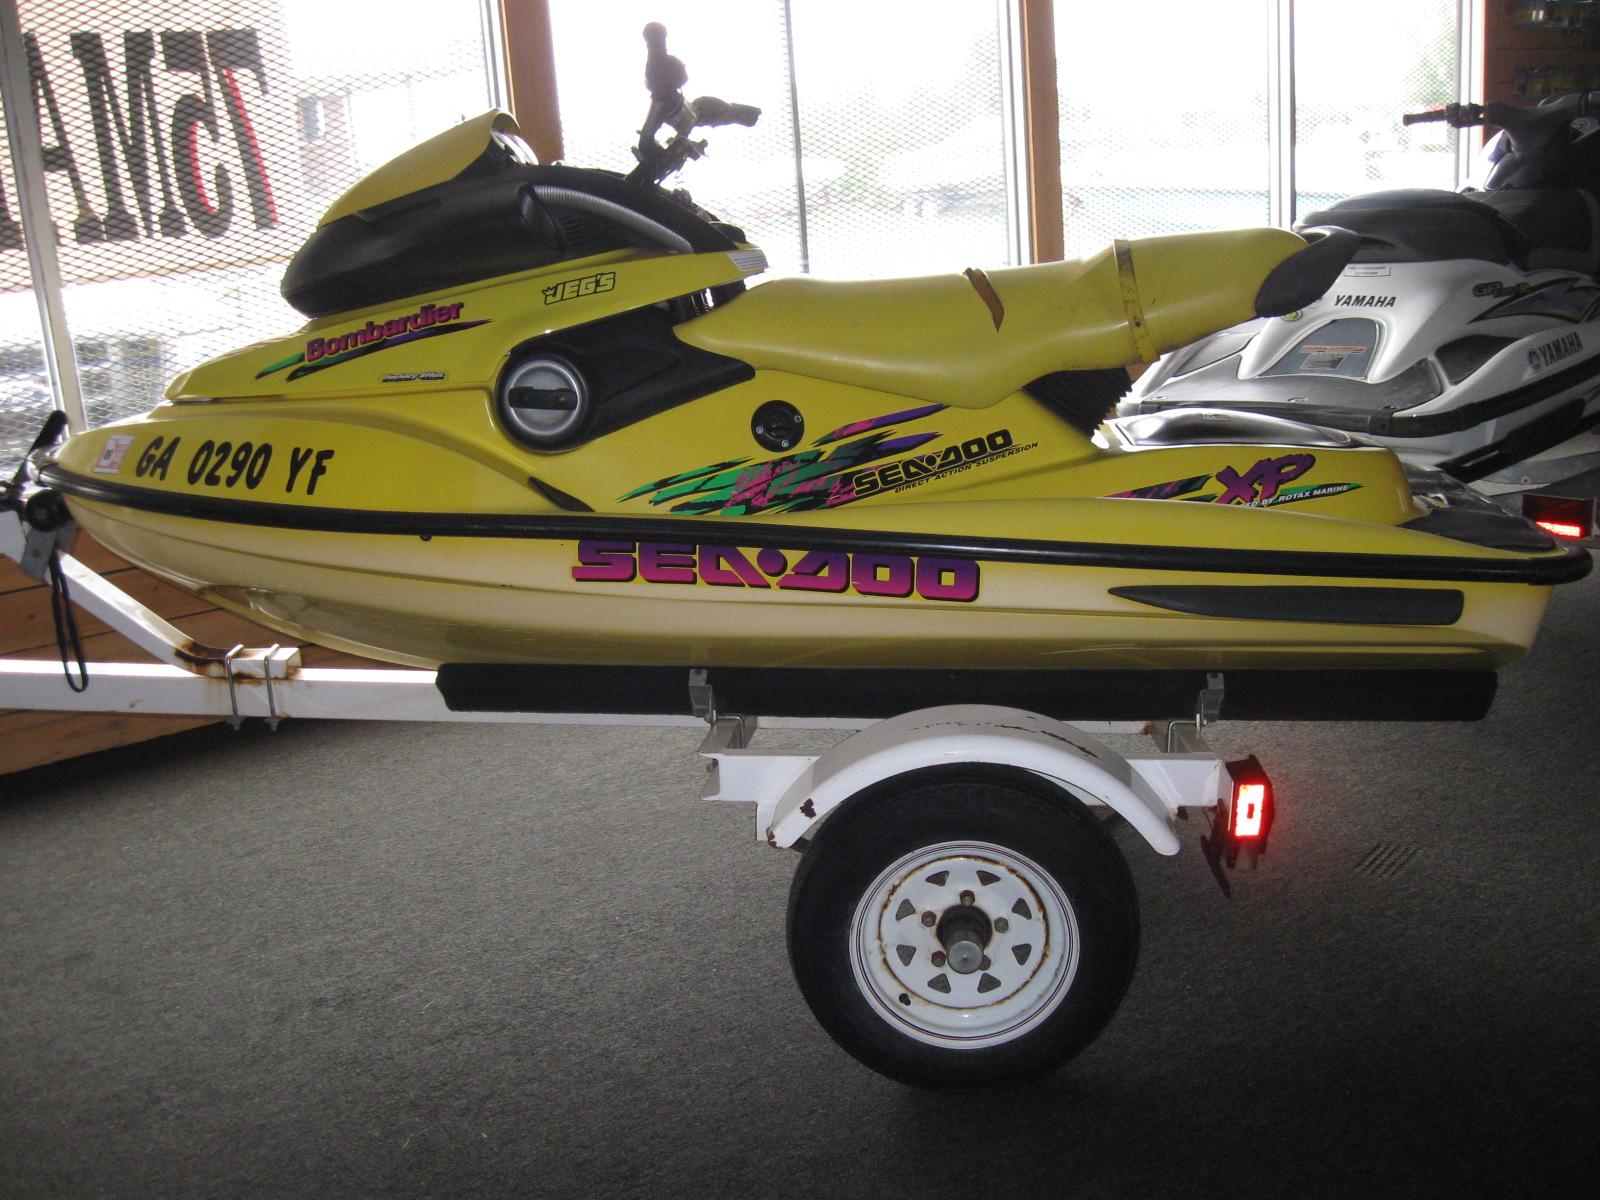 1997 Sea-doo Xp 10 Personal Watercraft  Pwc  Used